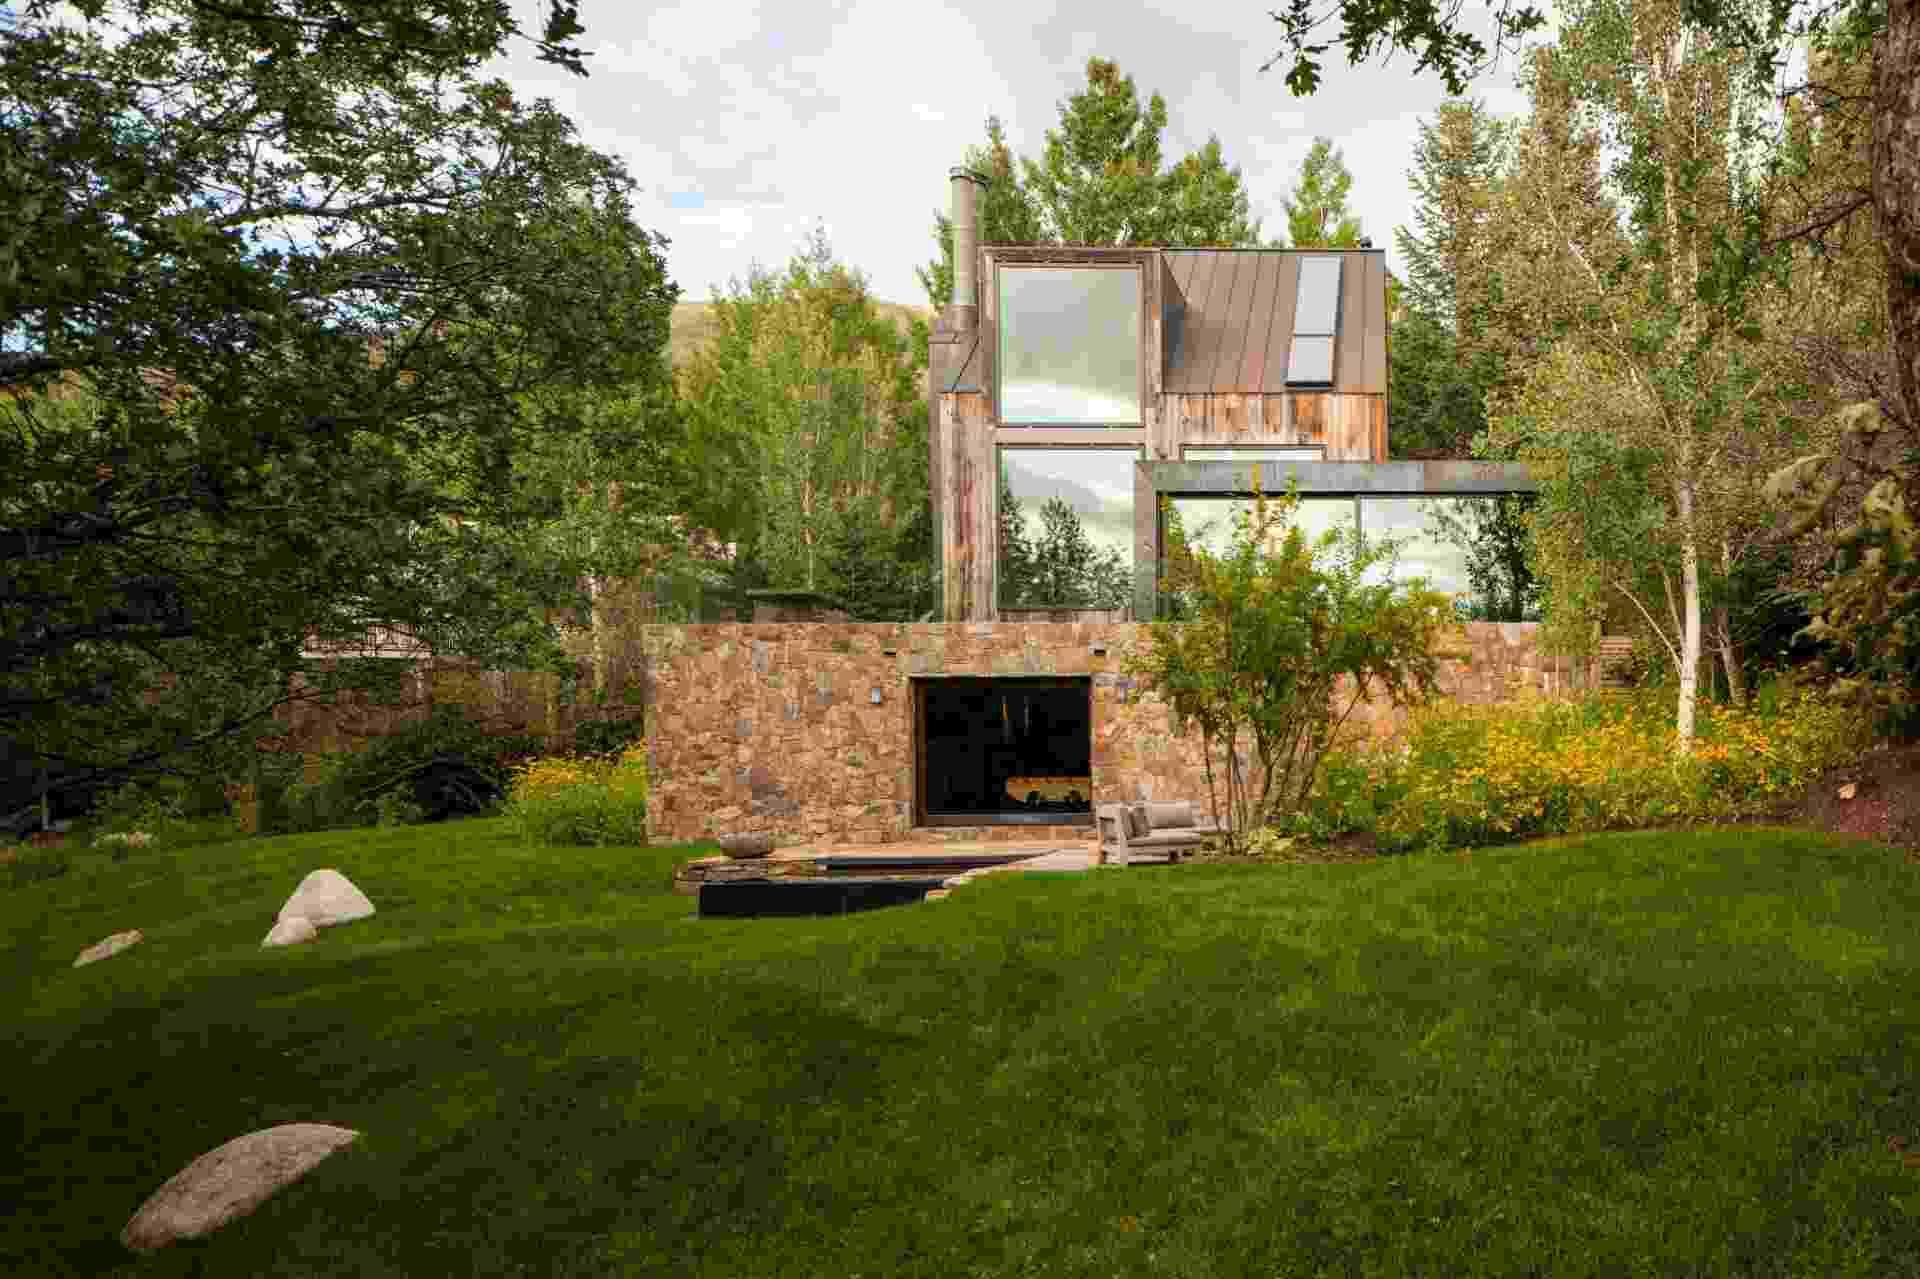 Em vez de competir com a paisagem, Chad Oppenheim projetou uma reforma para a casa construída nos anos 1970 que a fundisse e complementasse a natureza em redor. Assim, a construção foi revestida por pedras extraídas localmente, bem como por madeira, e ganhou amplos janelões de vidro  (Imagem do NYT, usar apenas no respectivo material) - Robert Reck/ The New York Times